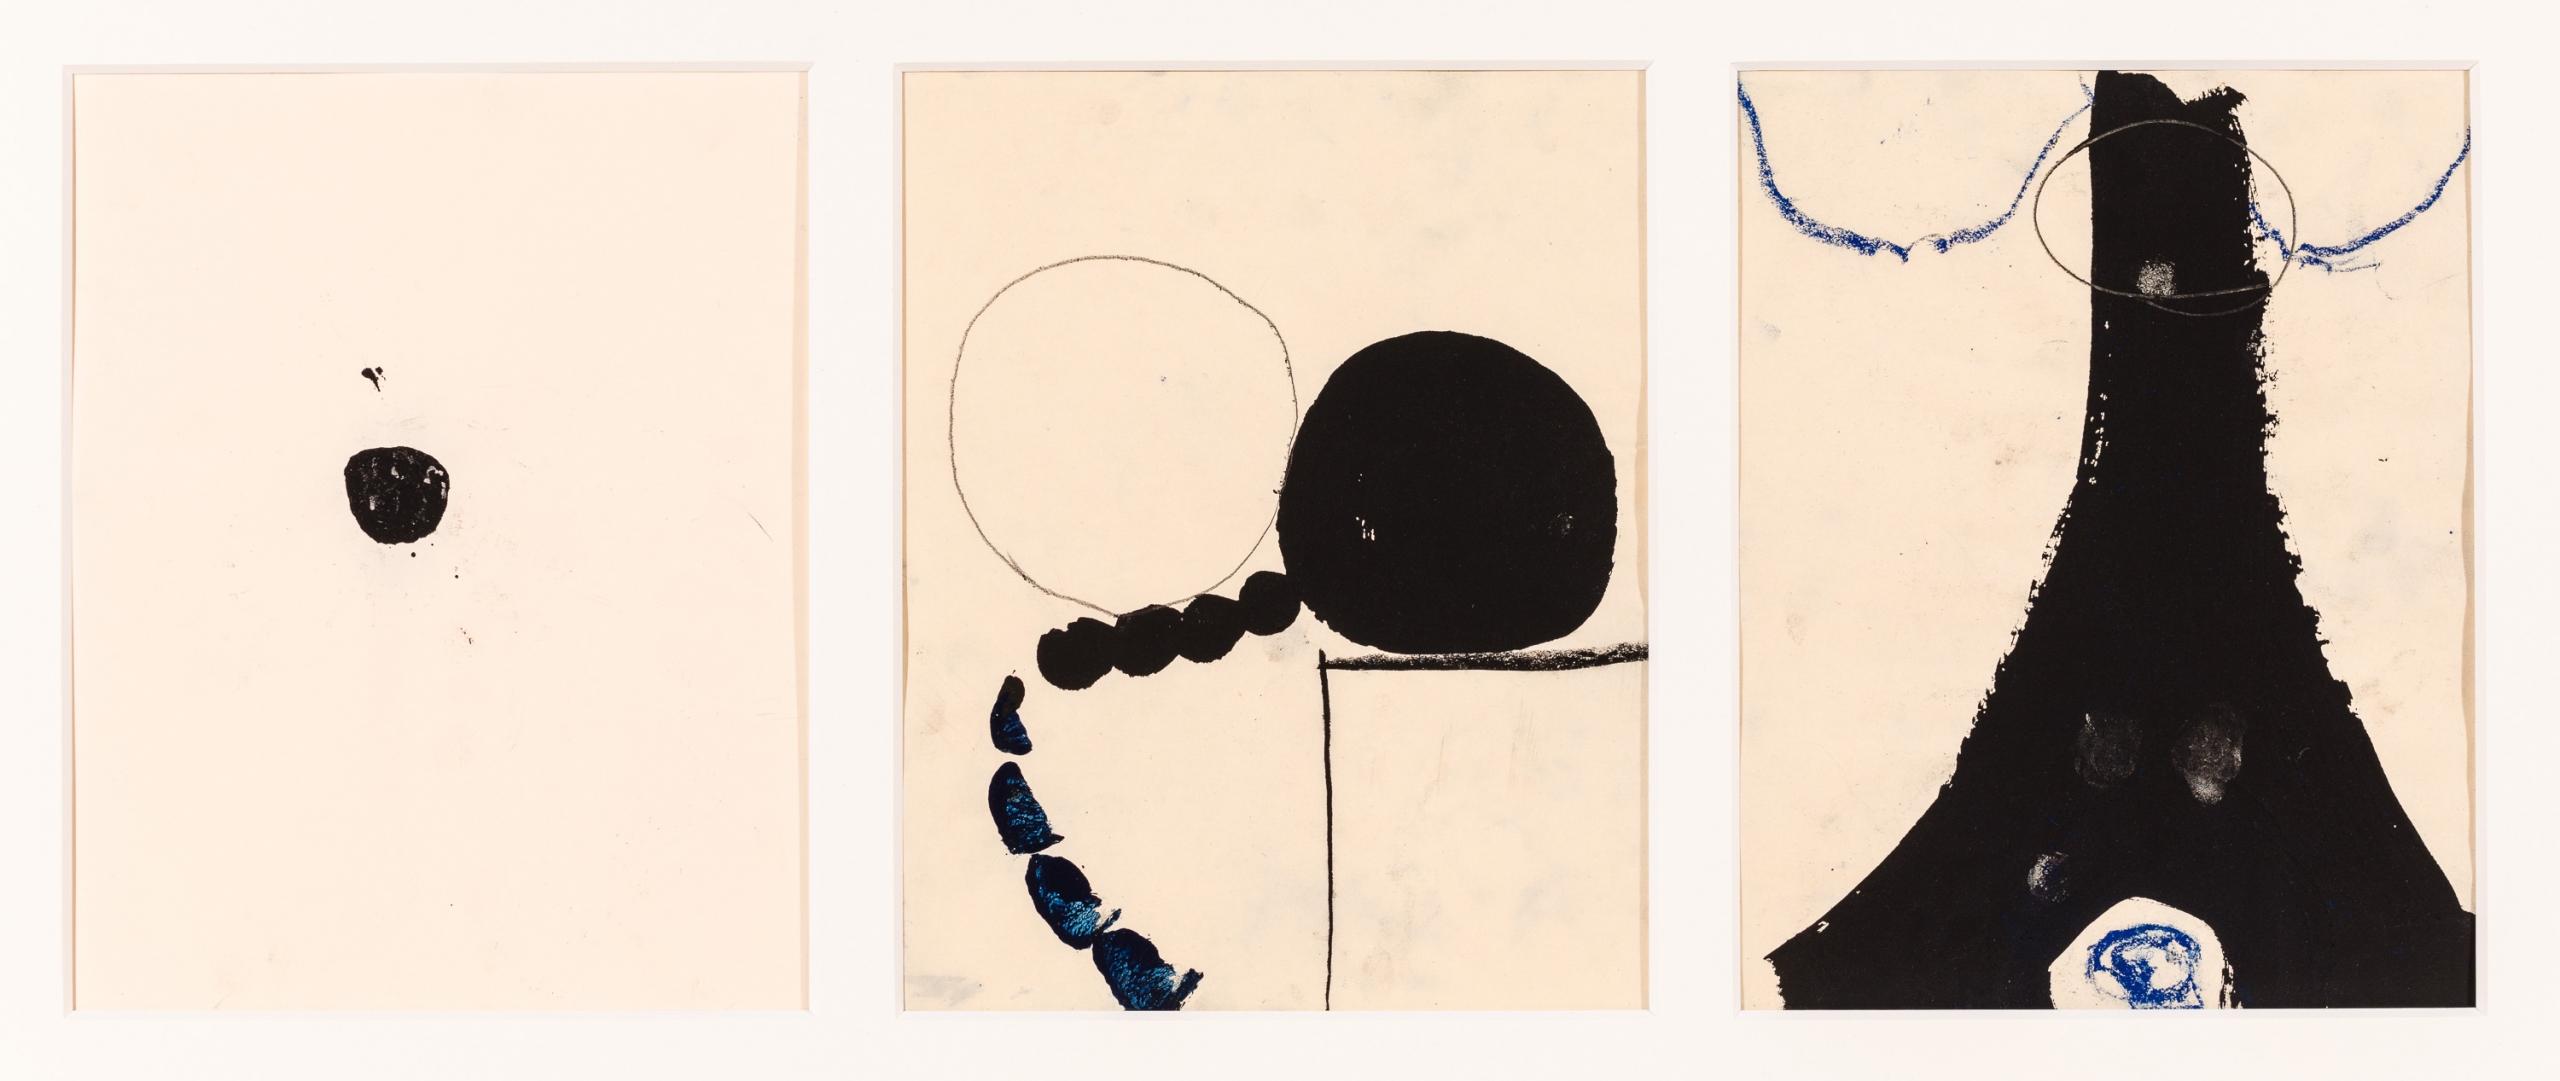 Michael Kienzer, Ohne Titel (3 Werke/3 works)